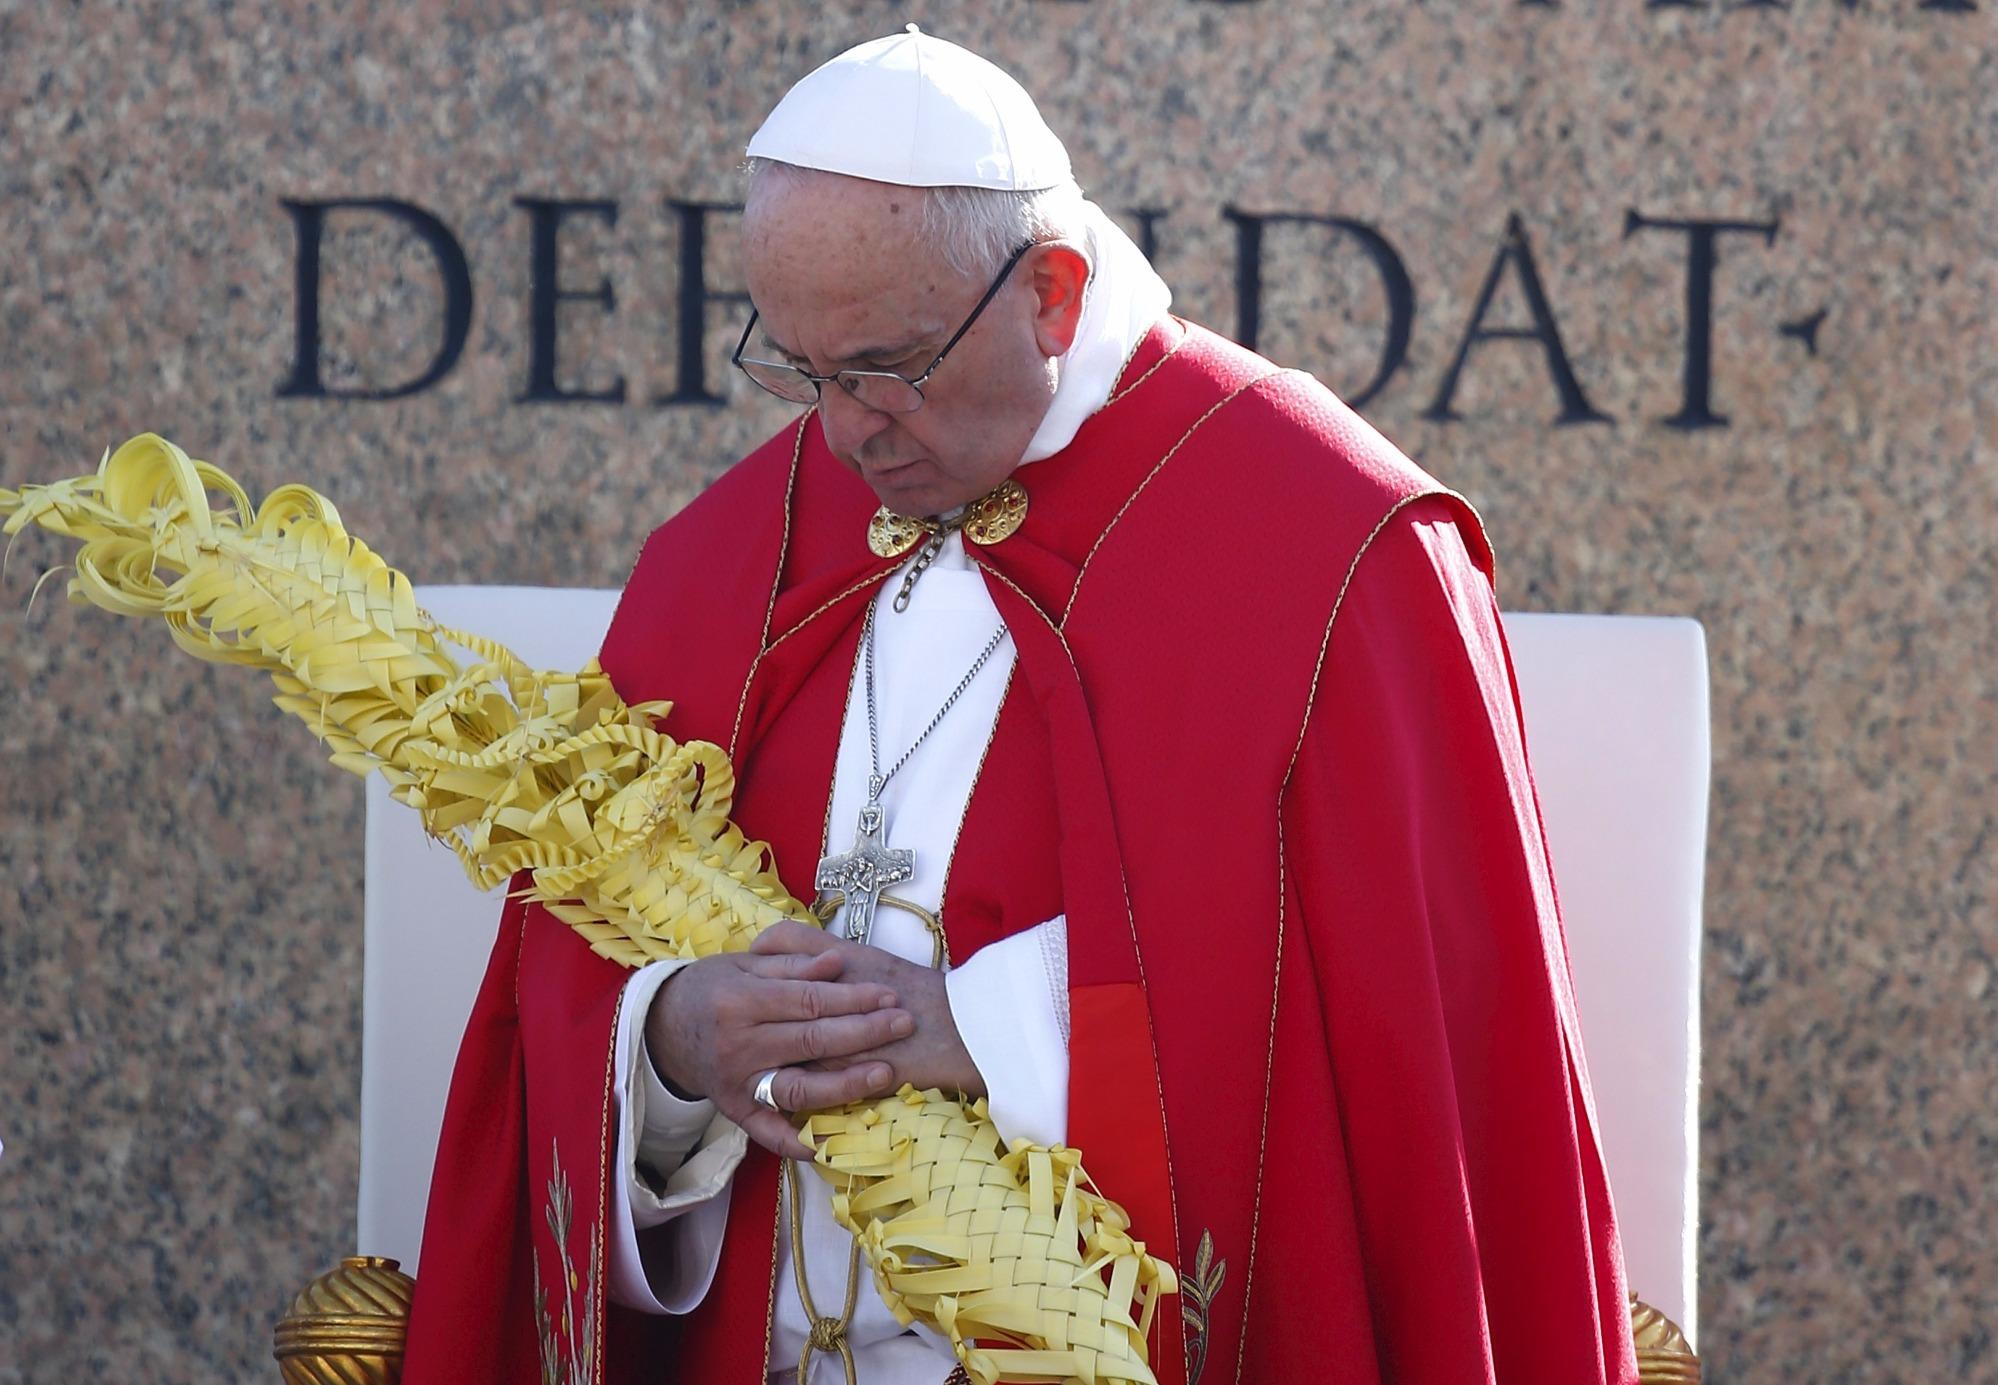 Папа Франциск выразил соболезнования в связи с крушением самолета в Ростове-на-Дону и терактом в Стамбуле